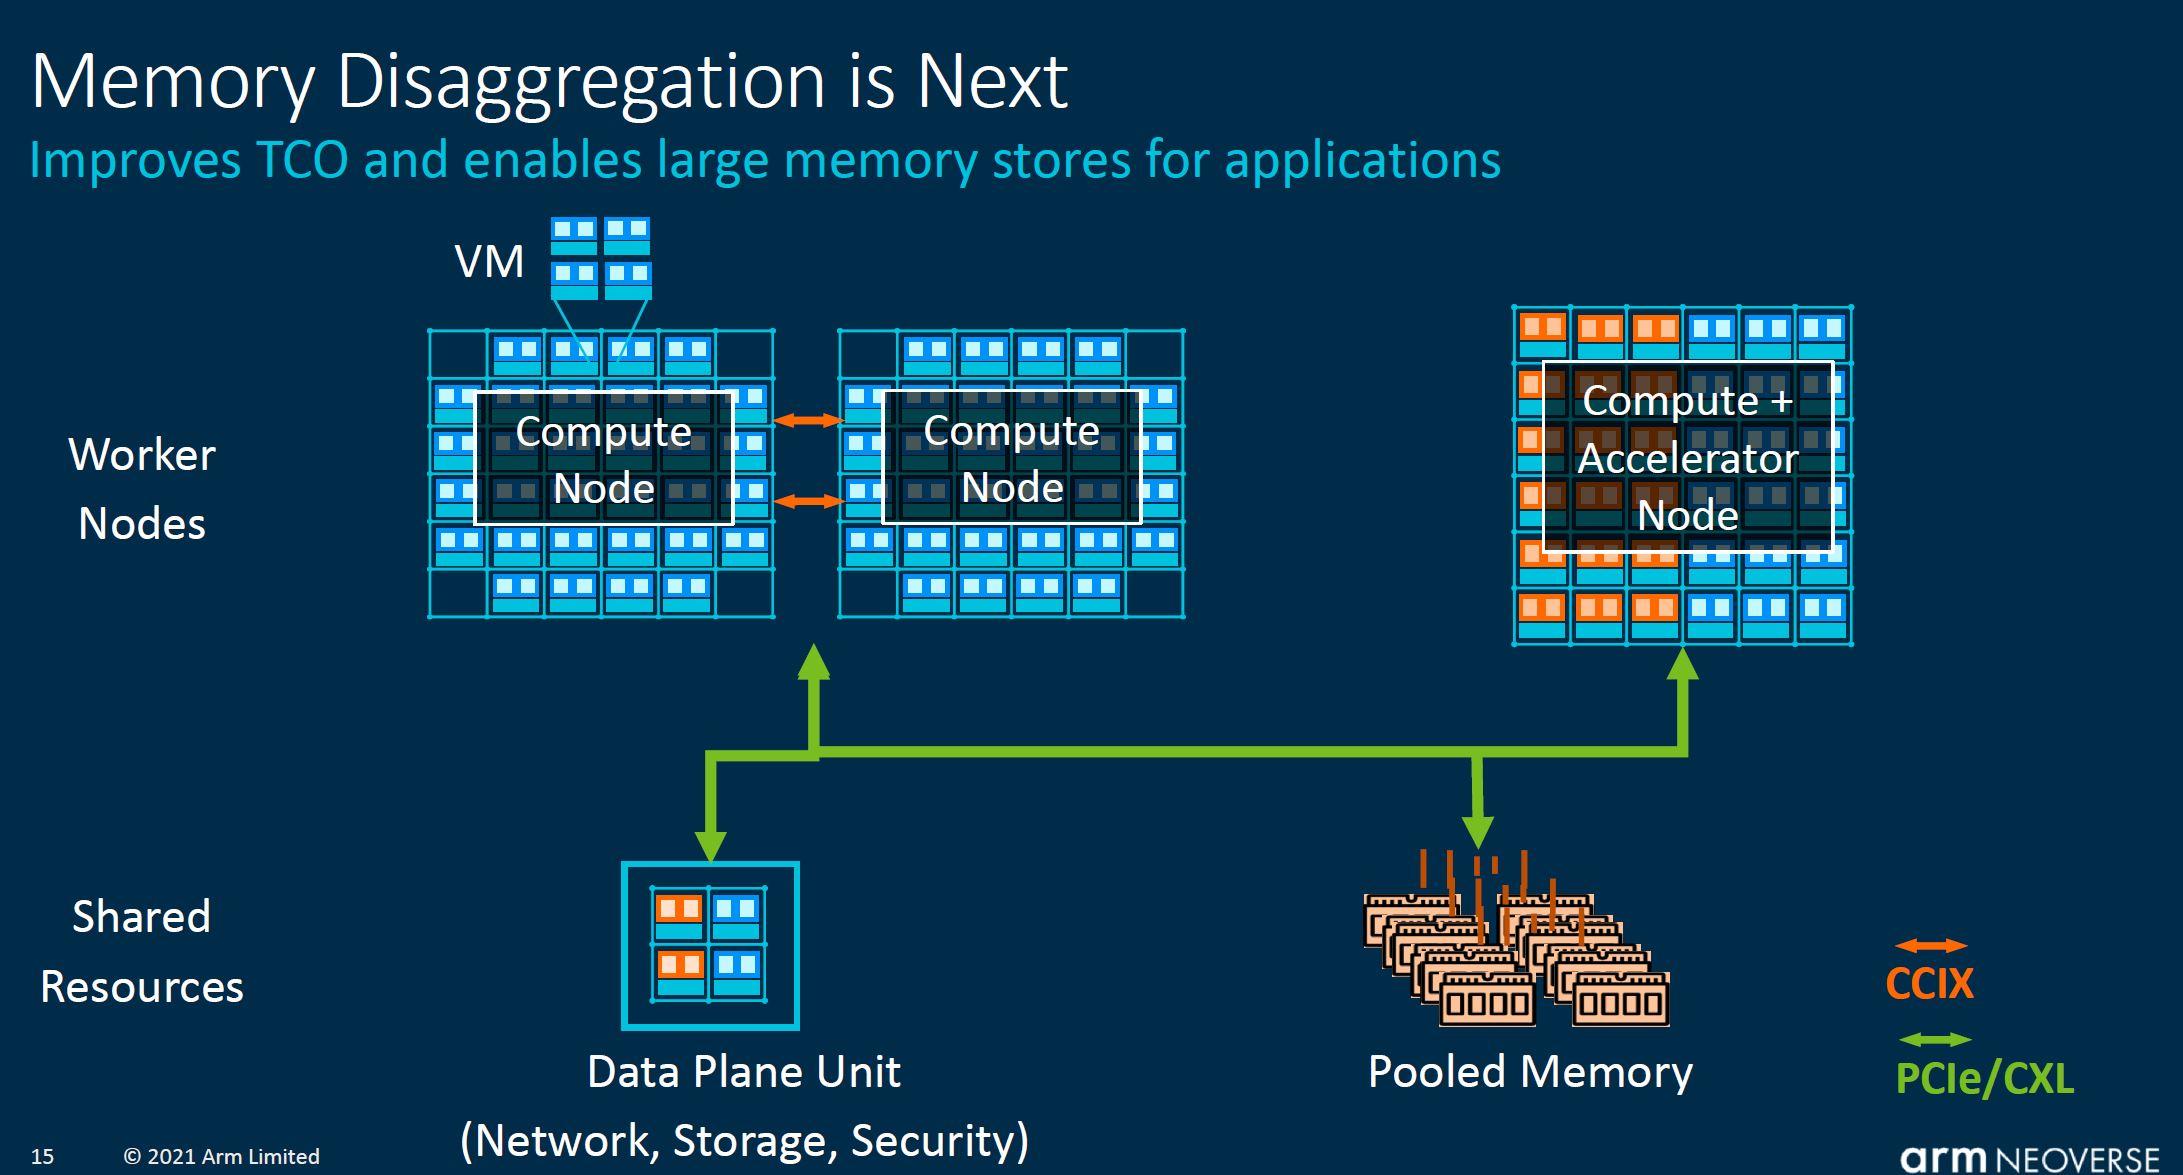 Arm Neoverse CMN 700 Memory Disaggregation Next